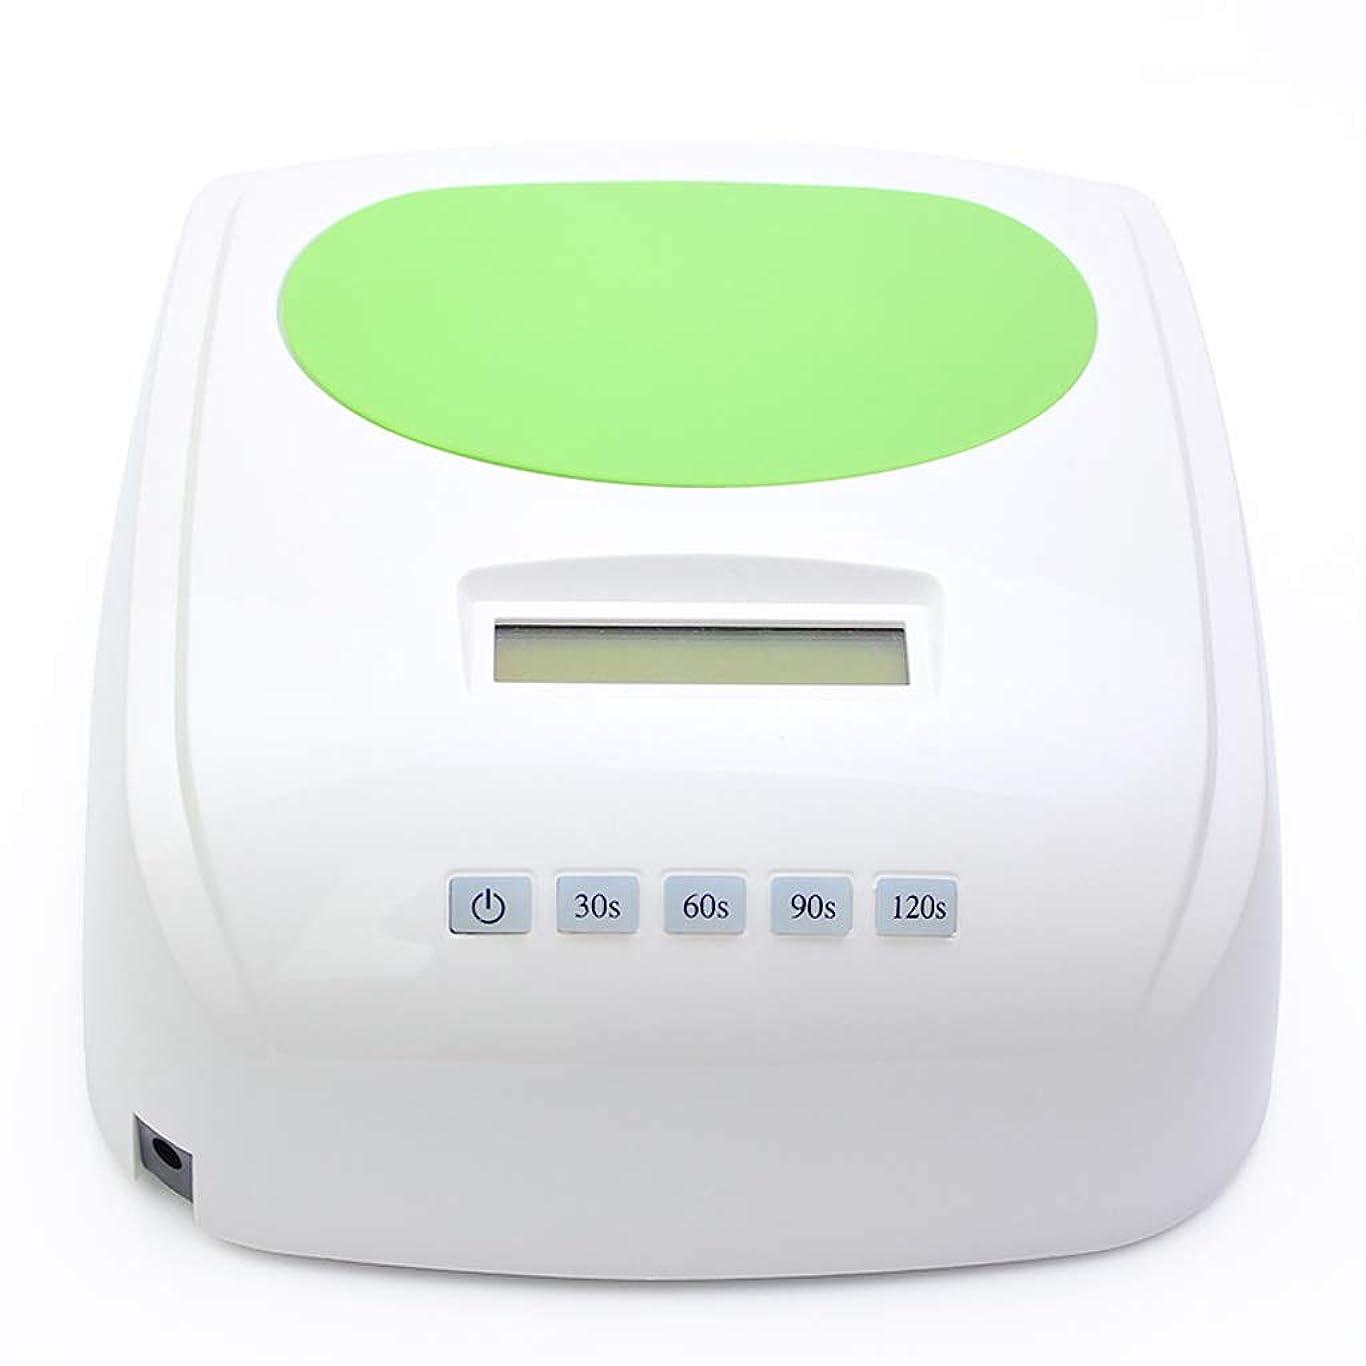 騒ぎ集中ミトン4スピードボタンセンサー光線治療機、LED爪研磨ランプ48wマニキュアペディキュアマシン